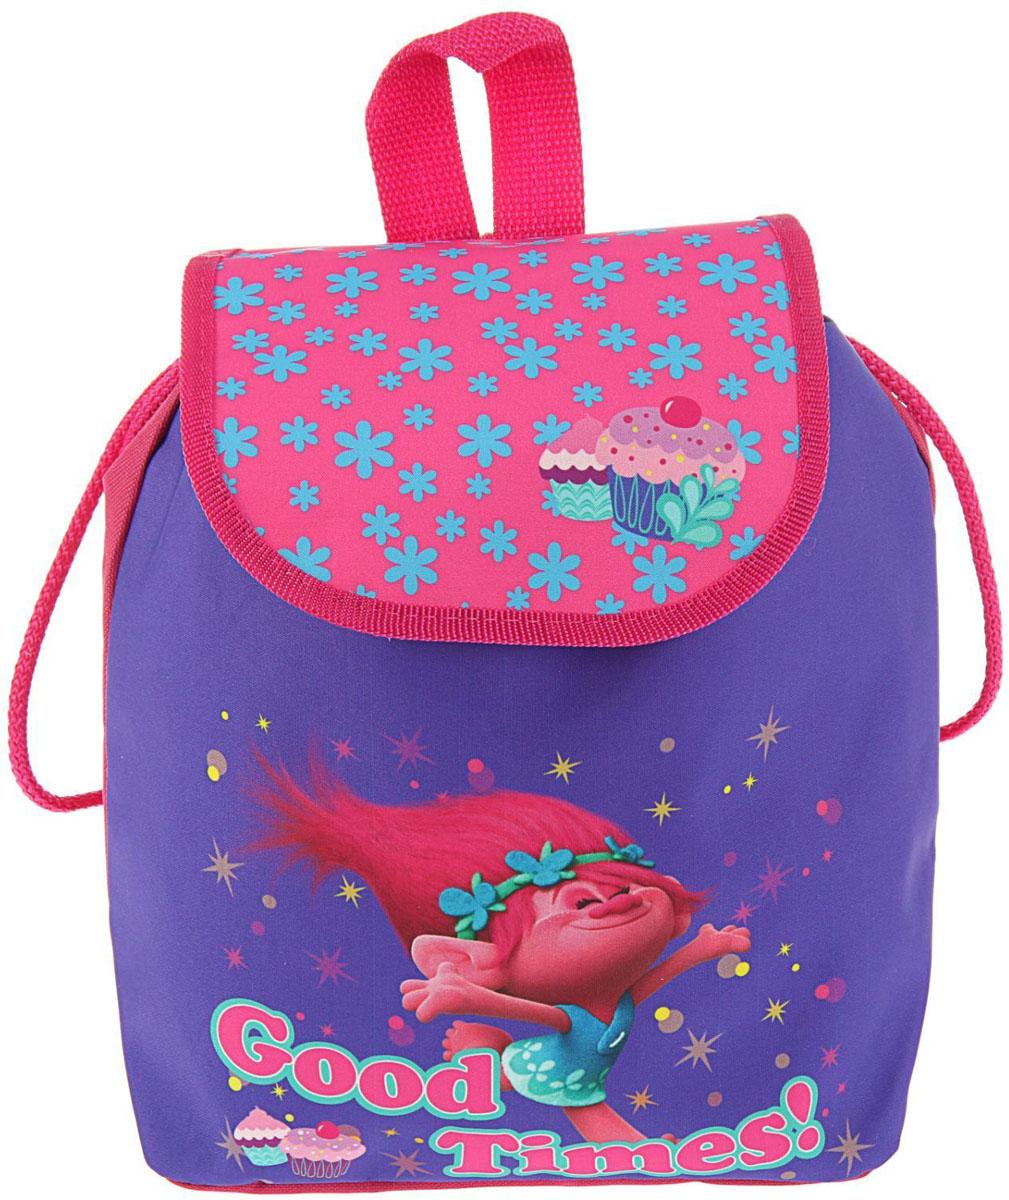 Trolls Рюкзак детский Good Times цвет сиреневый2111514Детский рюкзак Trolls Good Times имеет легкий вес, поэтому ребенку будет с ним очень удобно.Рюкзак содержит одно вместительное отделение на застежке-шнуровке. Внутри отделения имеется кармашек на молнии для мелочей. На лицевой стороне рюкзака изображена озорная героиня мультфильма Тролли. Рюкзак имеет петлю для подвешивания на крючок.Многофункциональный детский рюкзак станет незаменимым спутником вашего ребенка в жизни. В рюкзак можно положить как игрушки, так и спортивную форму.